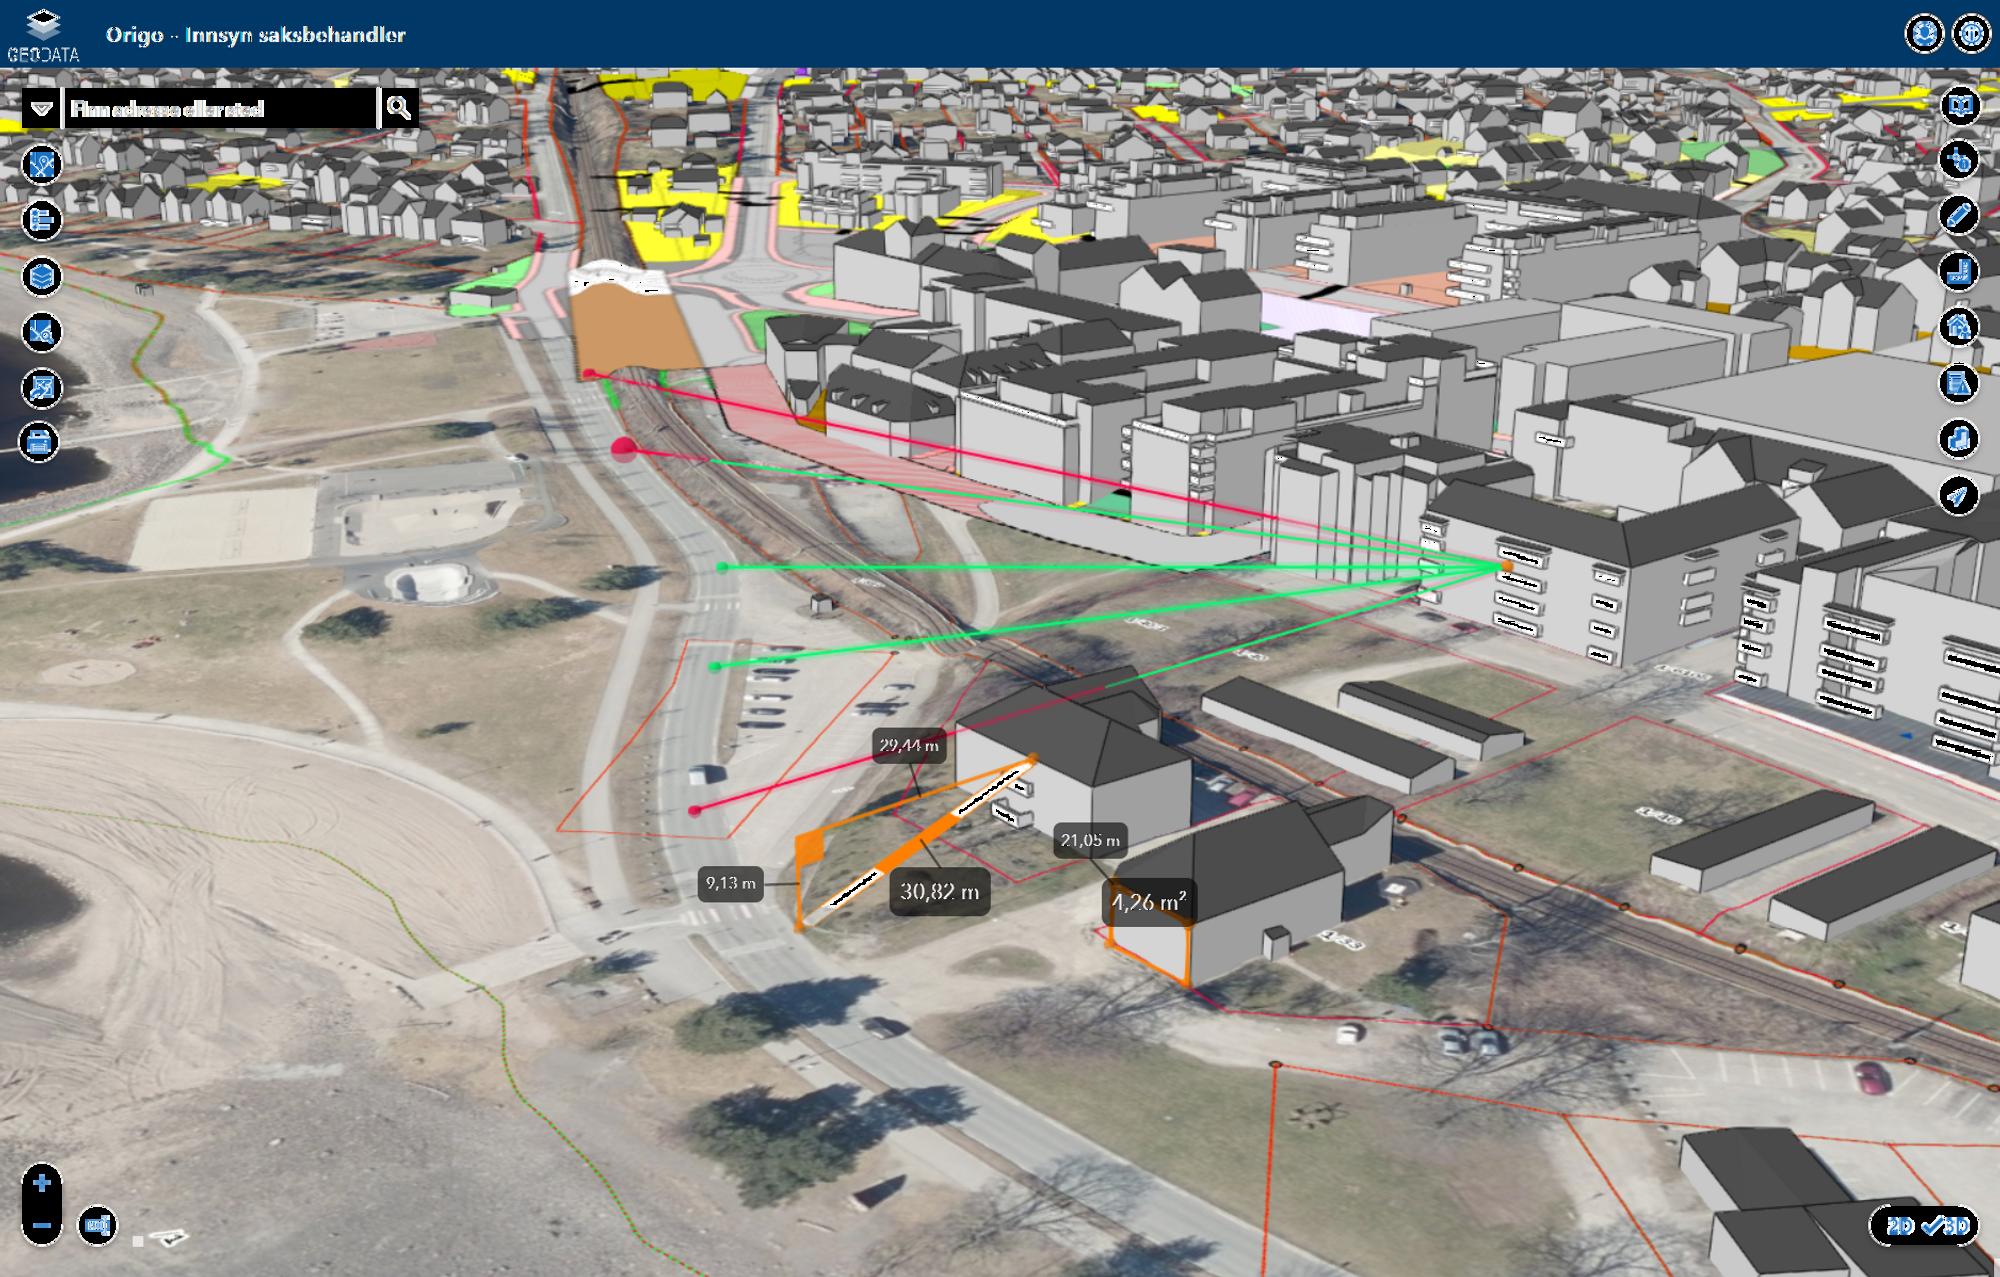 ANNONSE: Lanserer nøkkelferdig innovasjonsplattform for kommunene